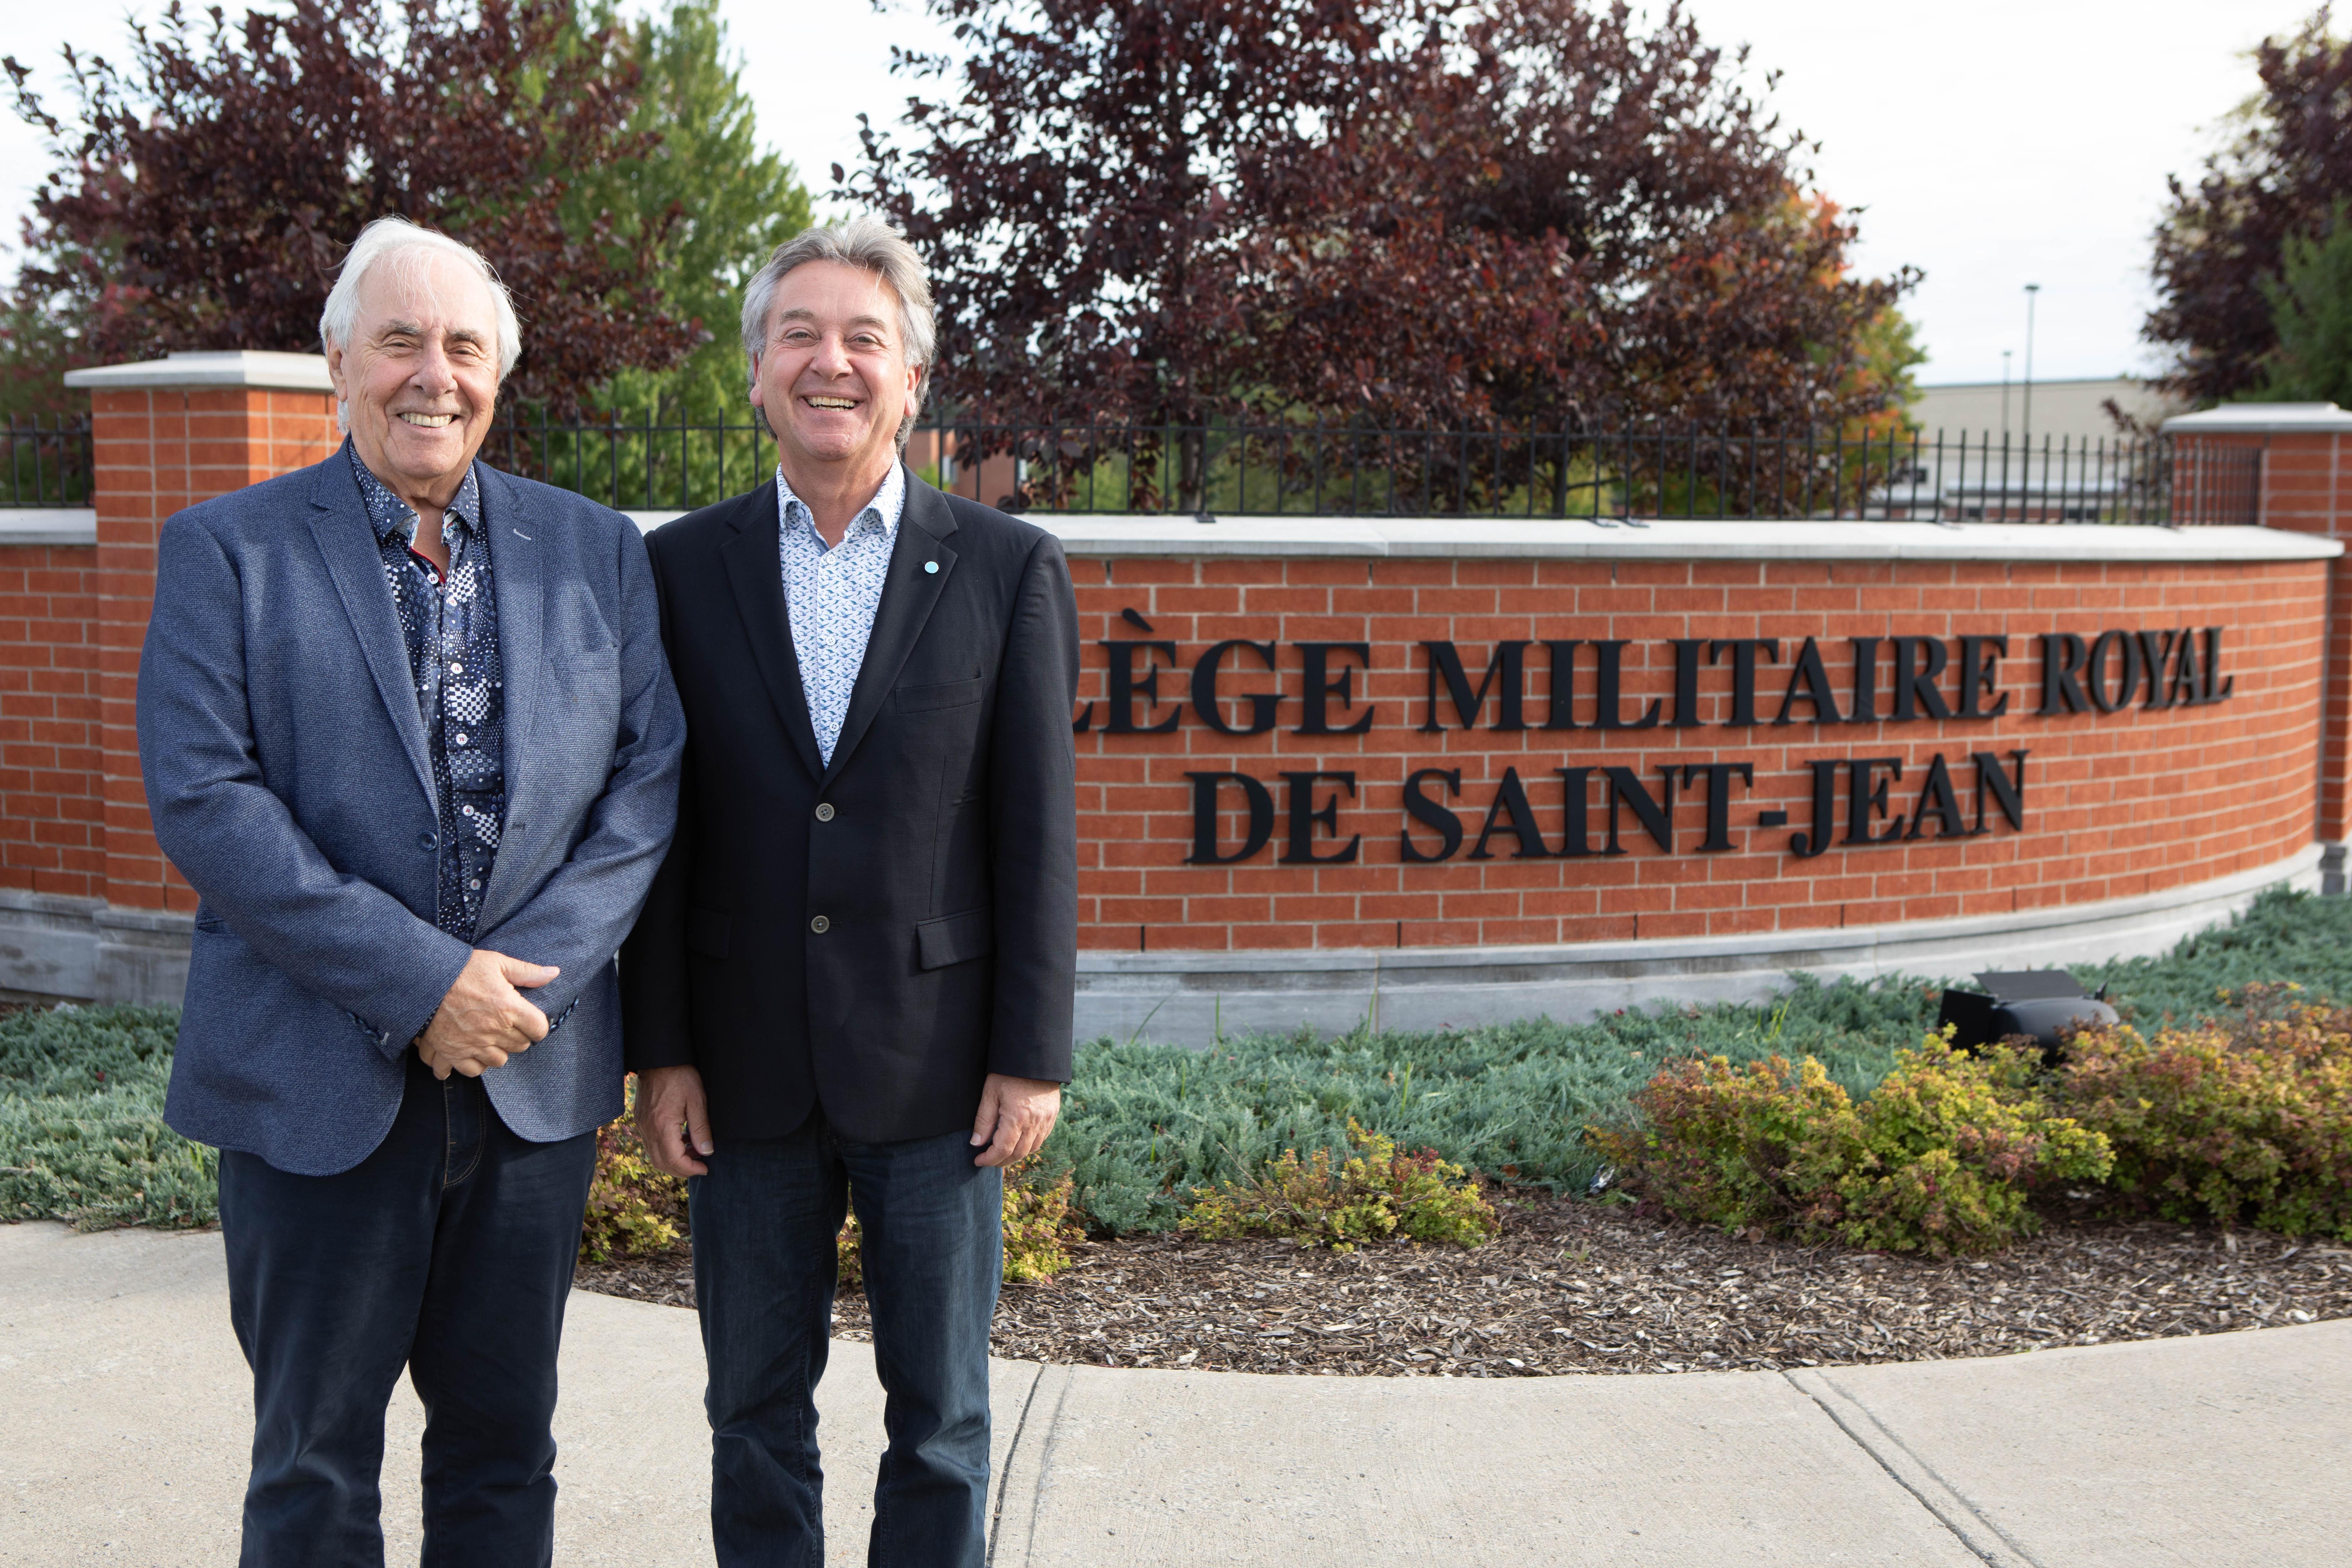 Le Collège international pour la paix dans la plateforme libérale - Le Canada Français